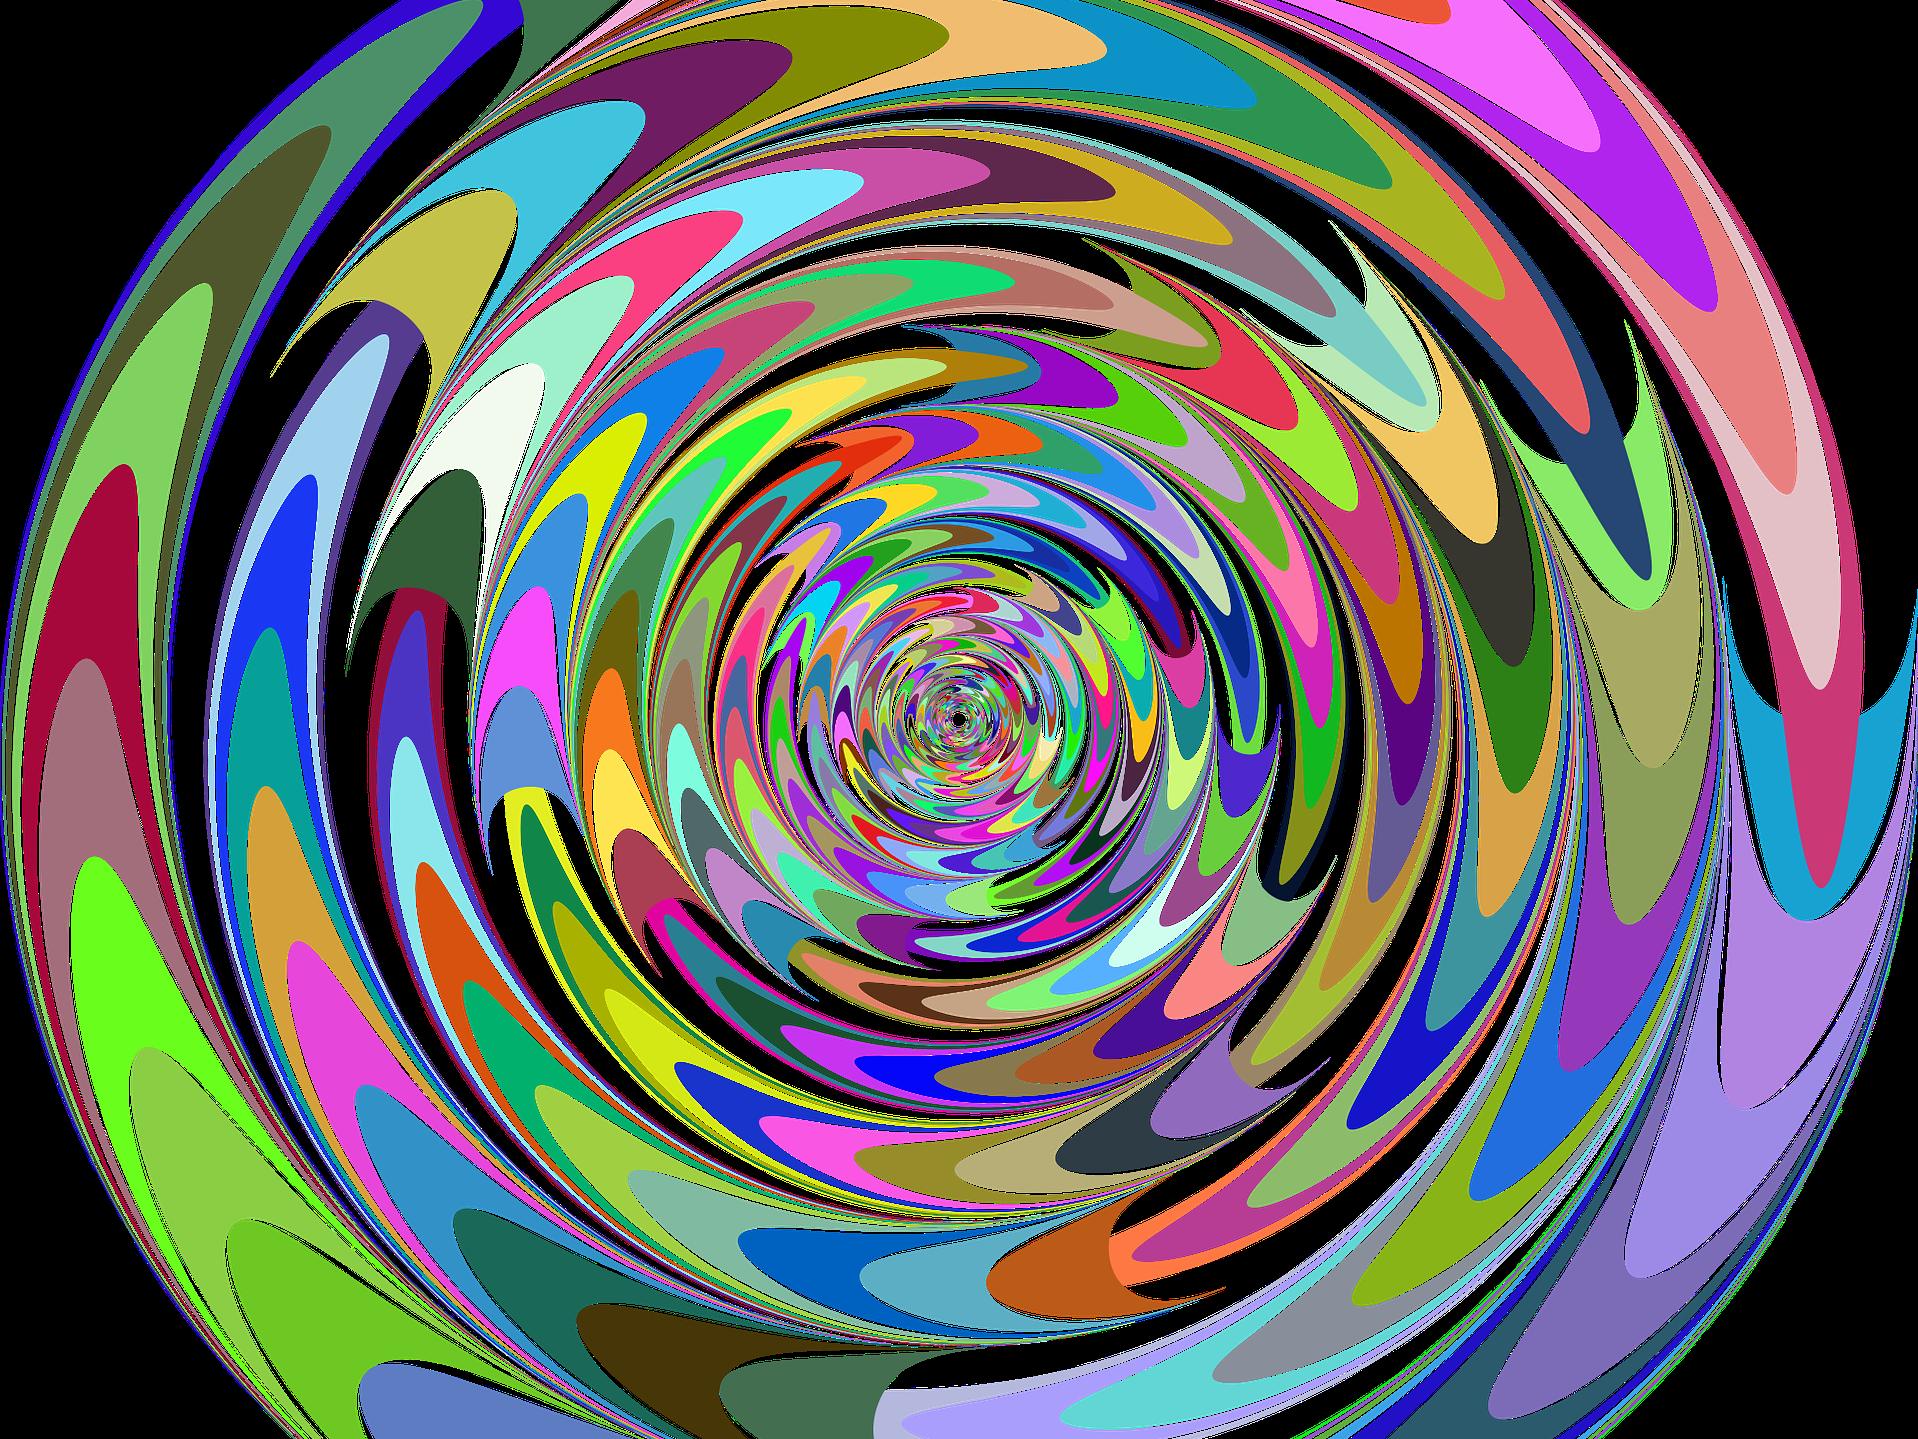 Selbsthypnose für Fantasievolle